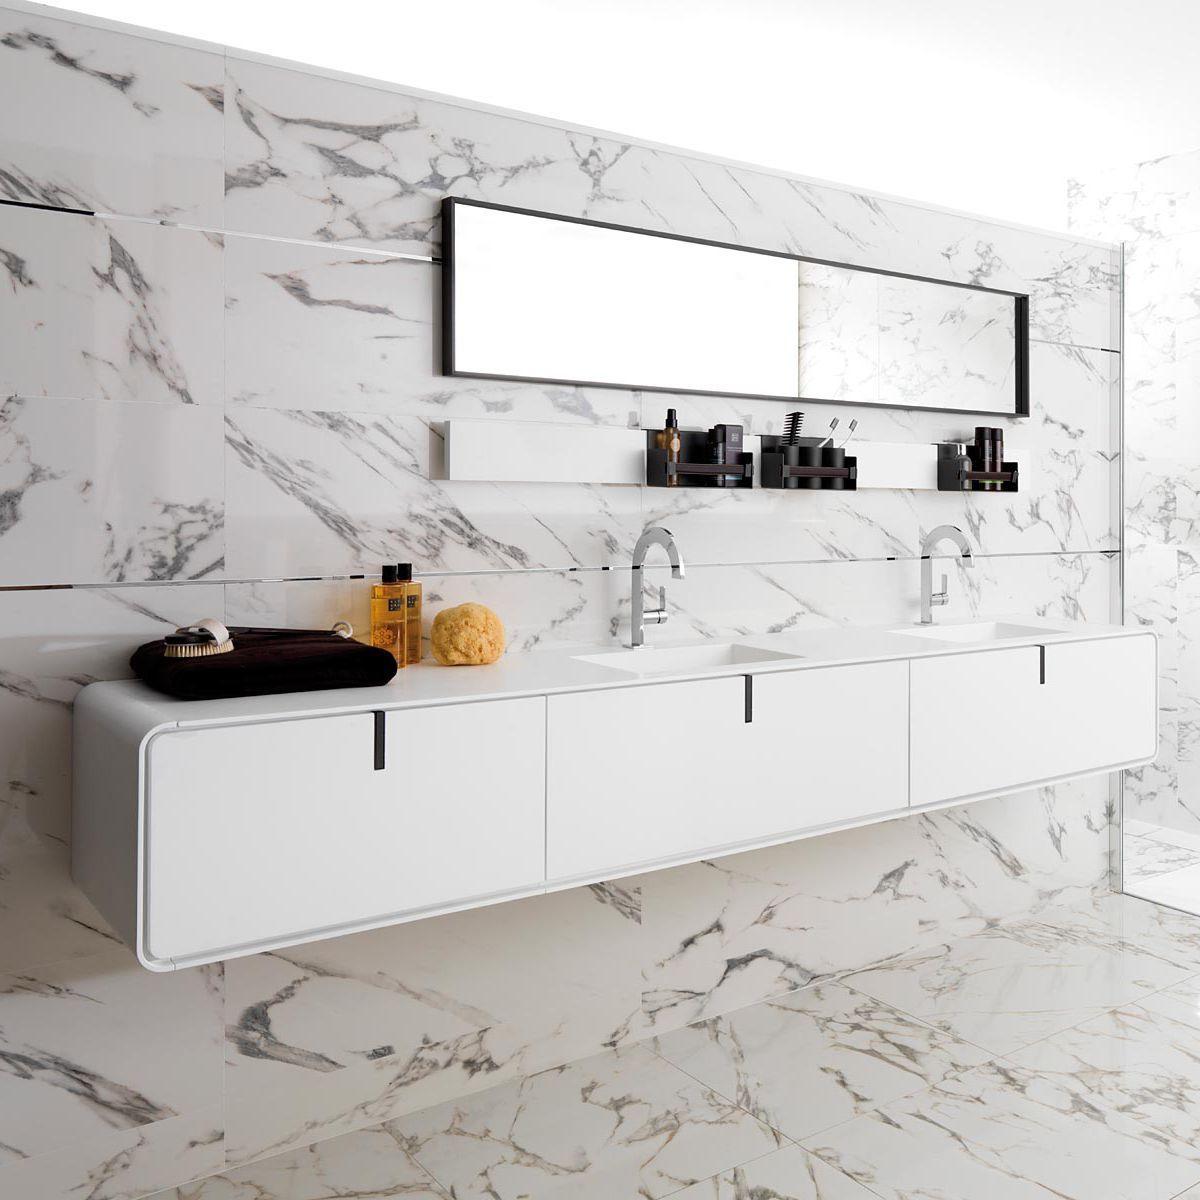 Doppel-Waschtischunterschrank / hängend / Holz / modern CICLO ... | {Waschtischunterschrank modern 27}